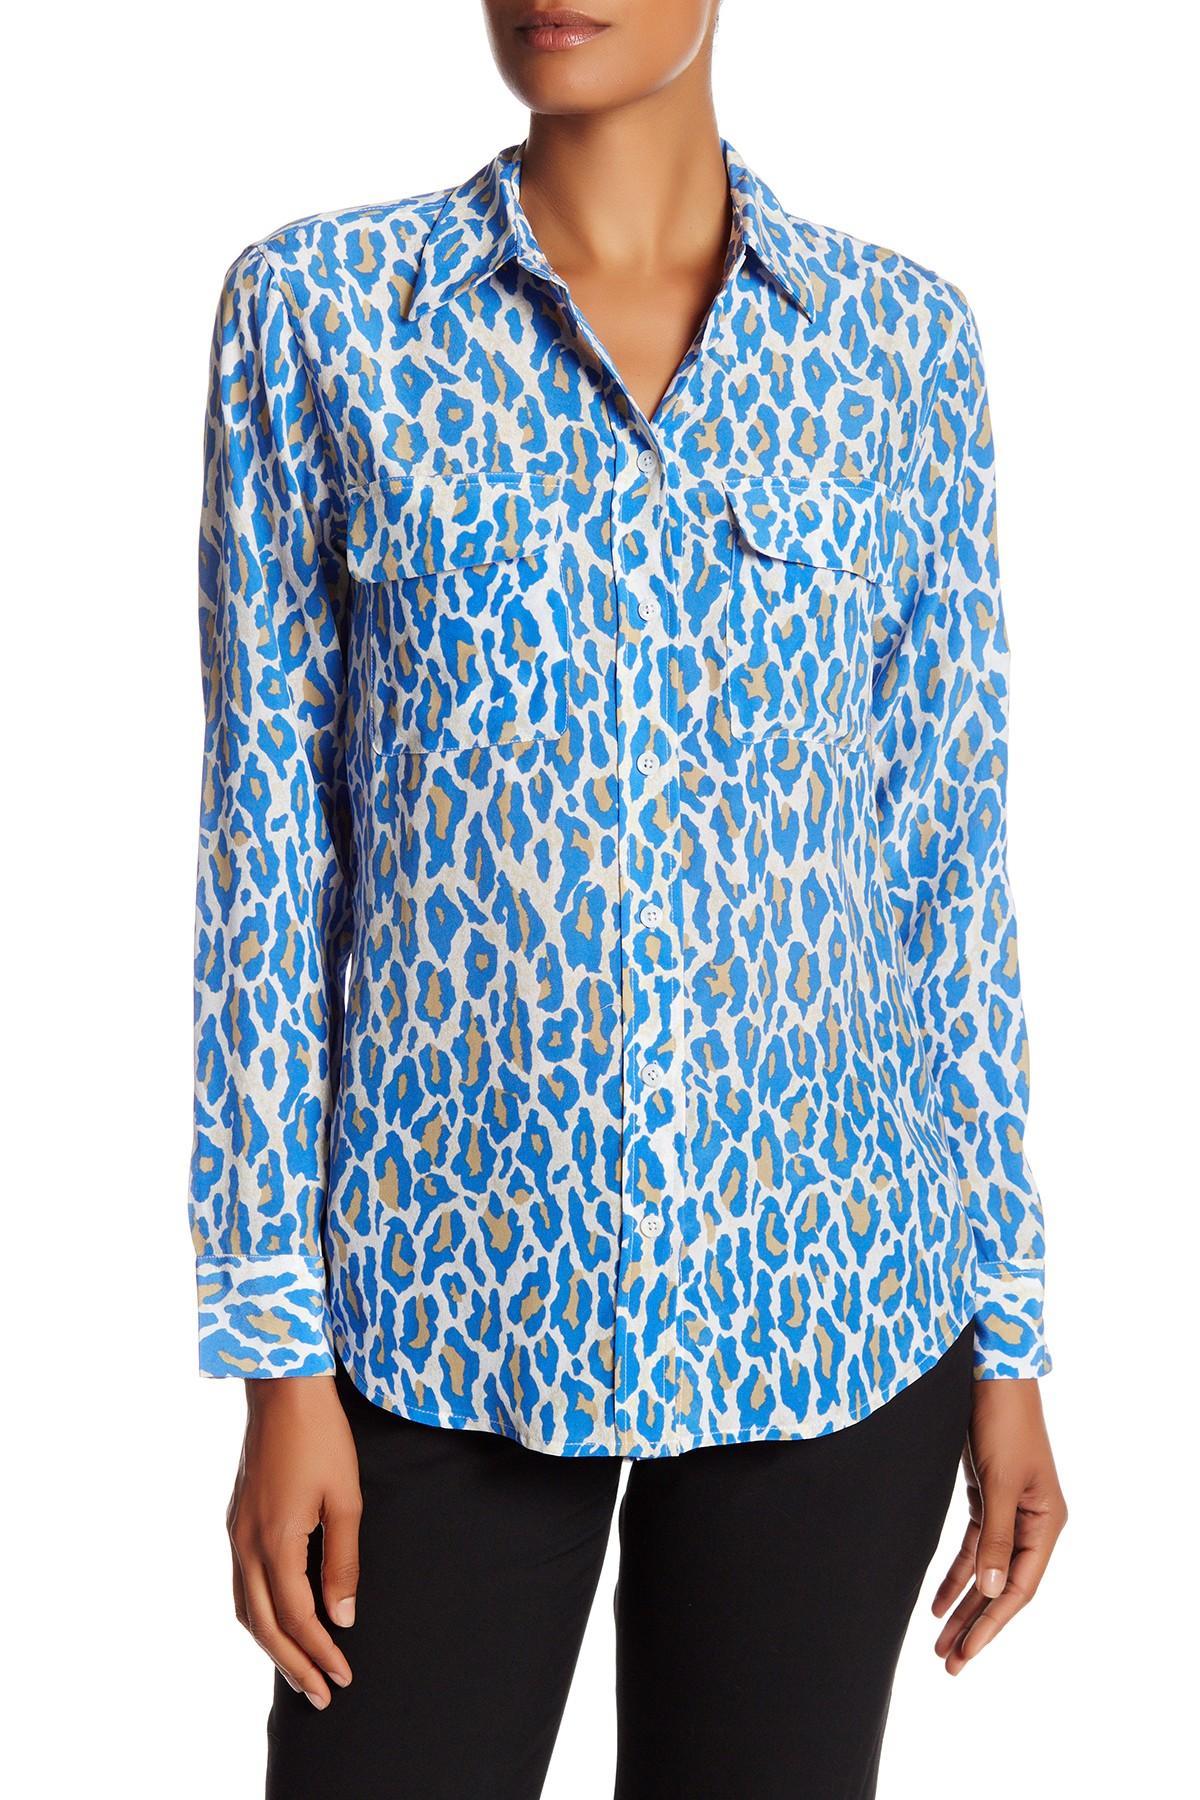 Equipment signature slim fit silk shirt in blue lyst for Equipment signature silk shirt